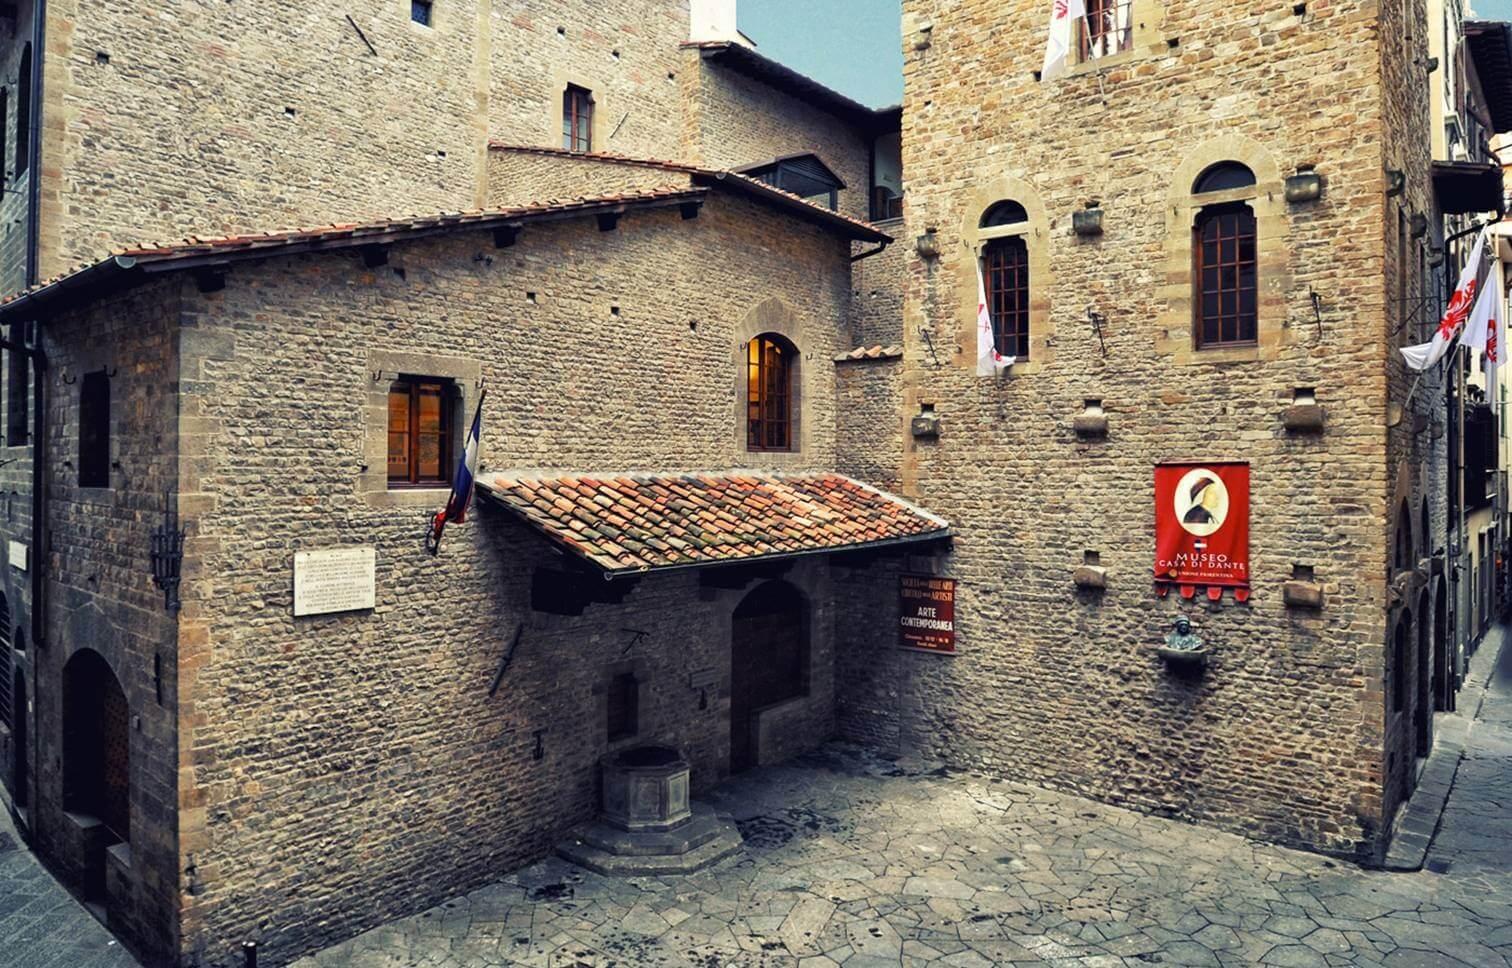 La casa natale di Dante Alighieri nel cuore della Firenze medievale